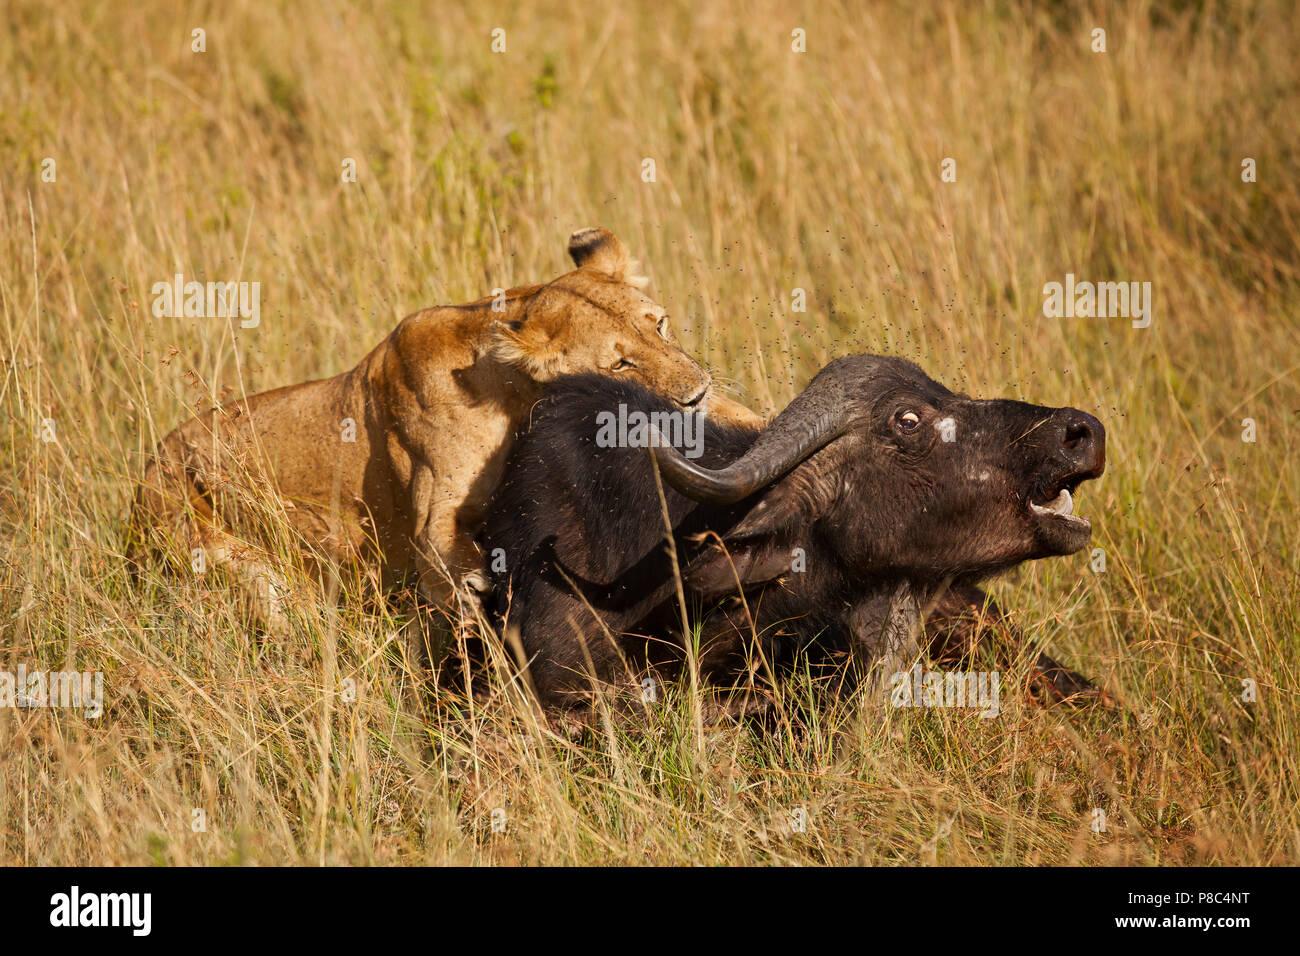 löwe jagt antilope